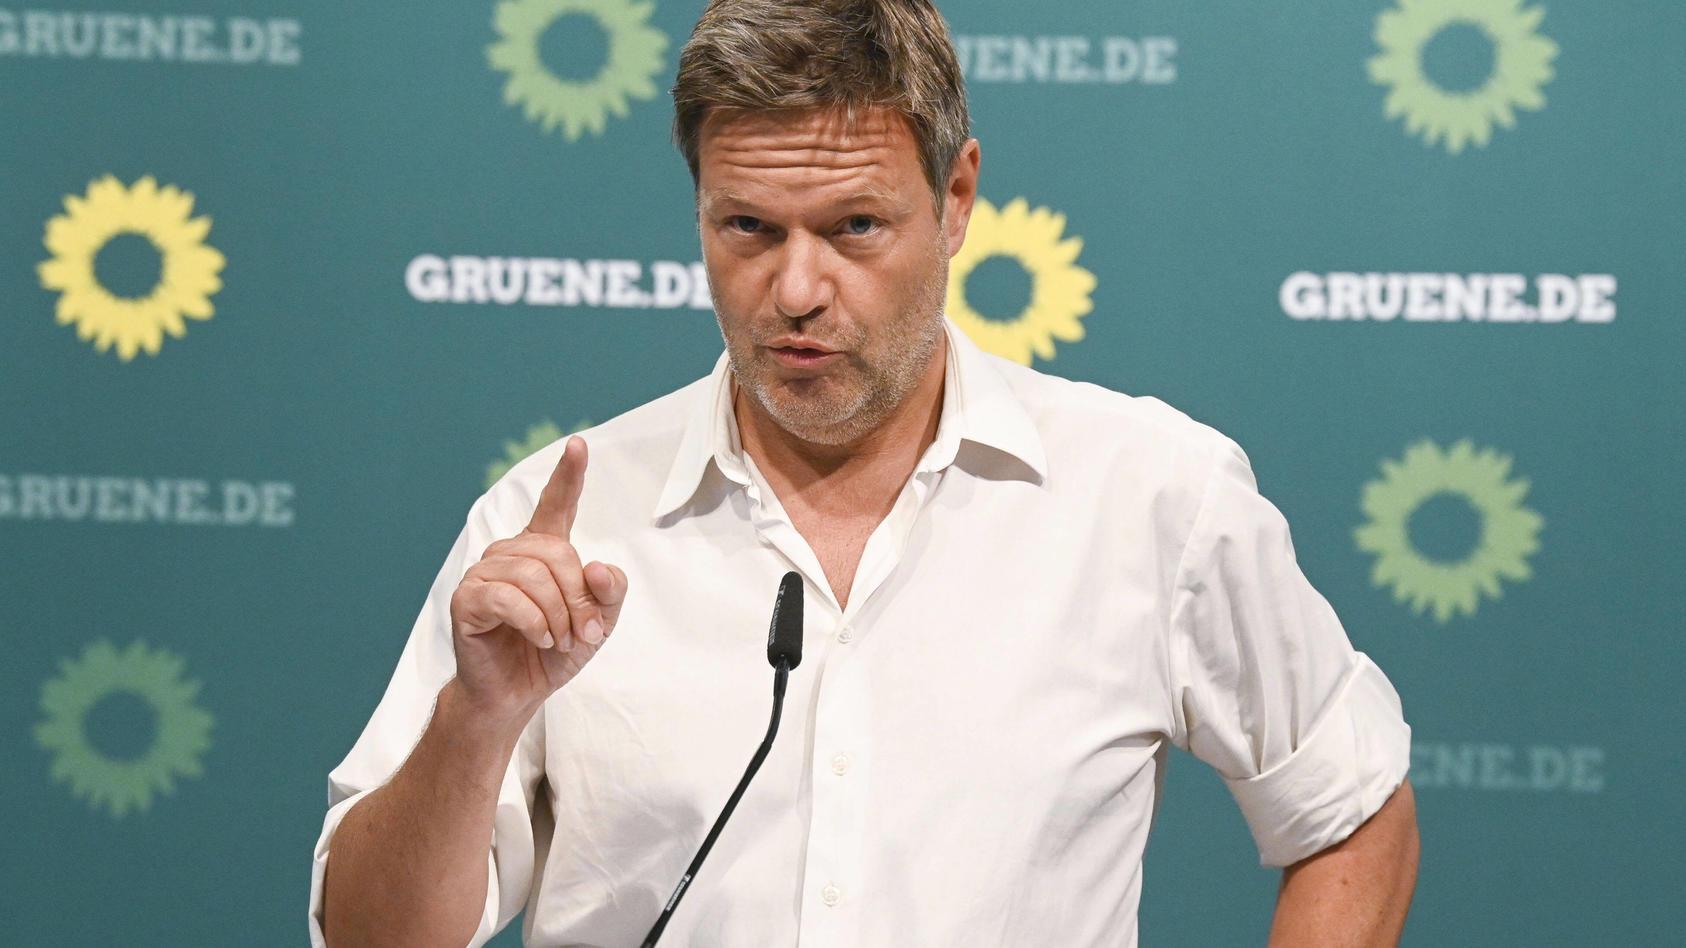 Robert Habeck bei einer Pressekonferenz nach Beratungen des Parteirats Bündnis 90/Die Grünen zum Umgang mit dem Parteimi